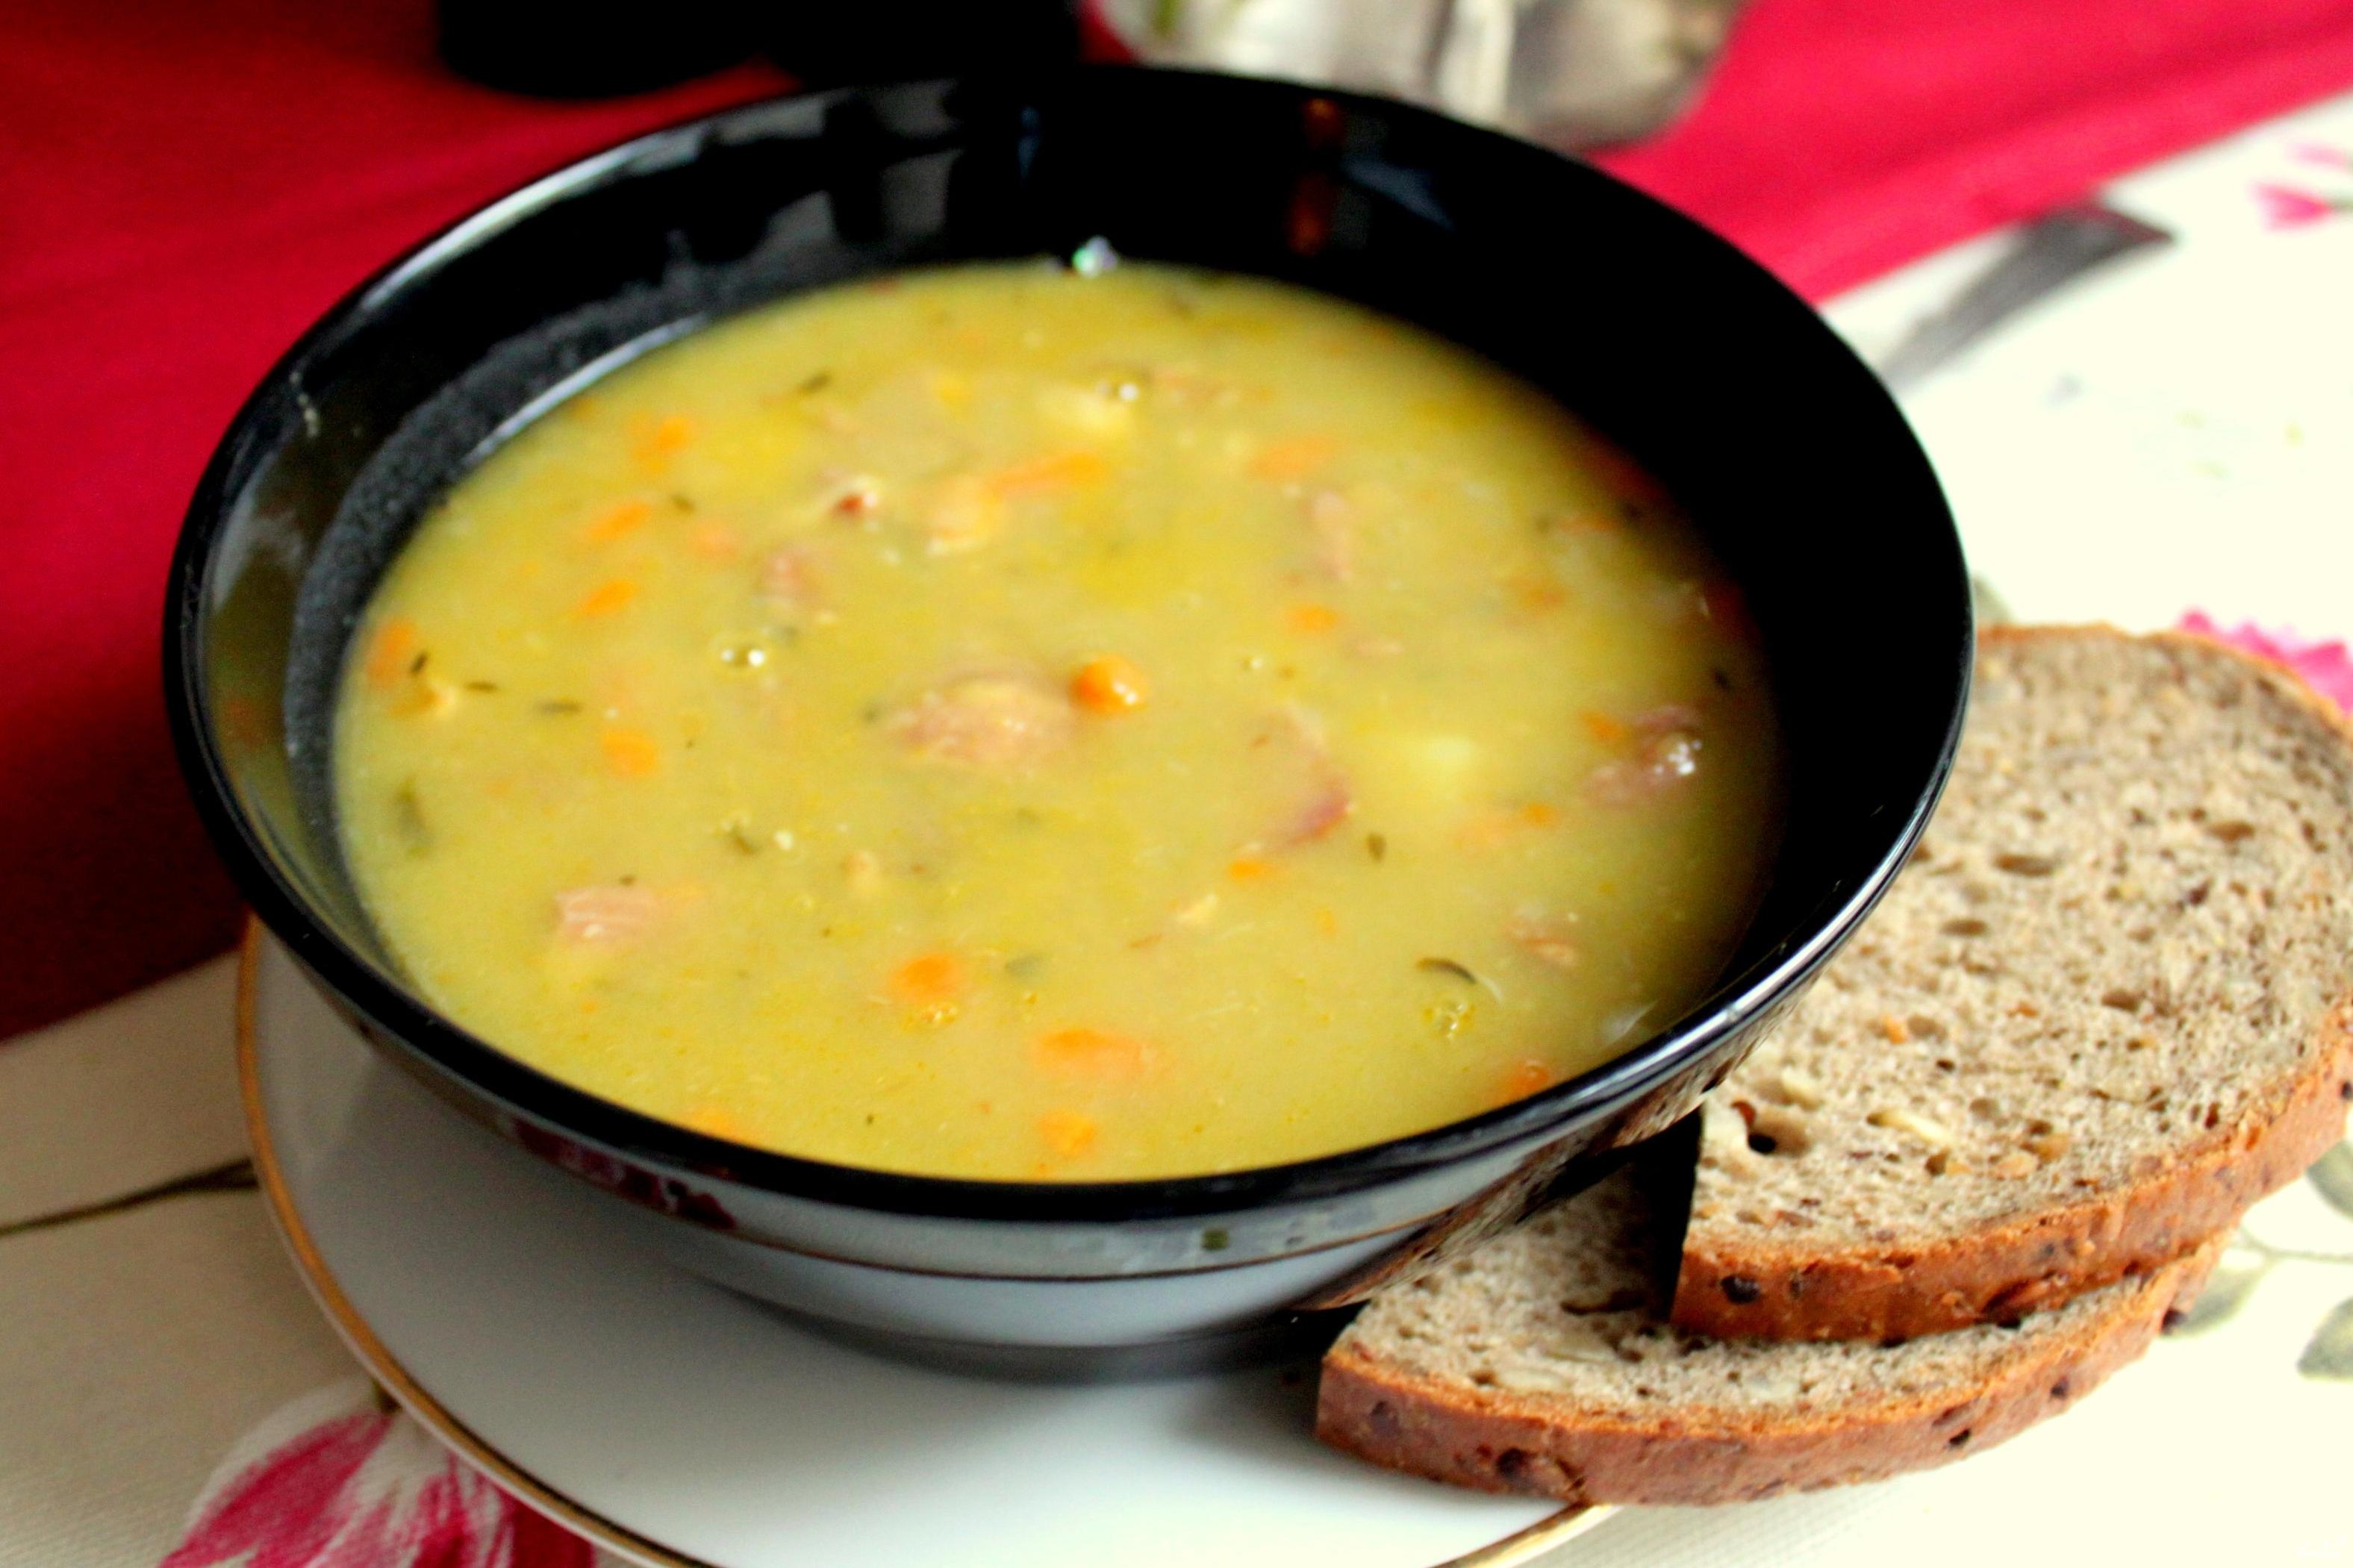 гороховый суп рецепт с мясом классический с фото пошагово